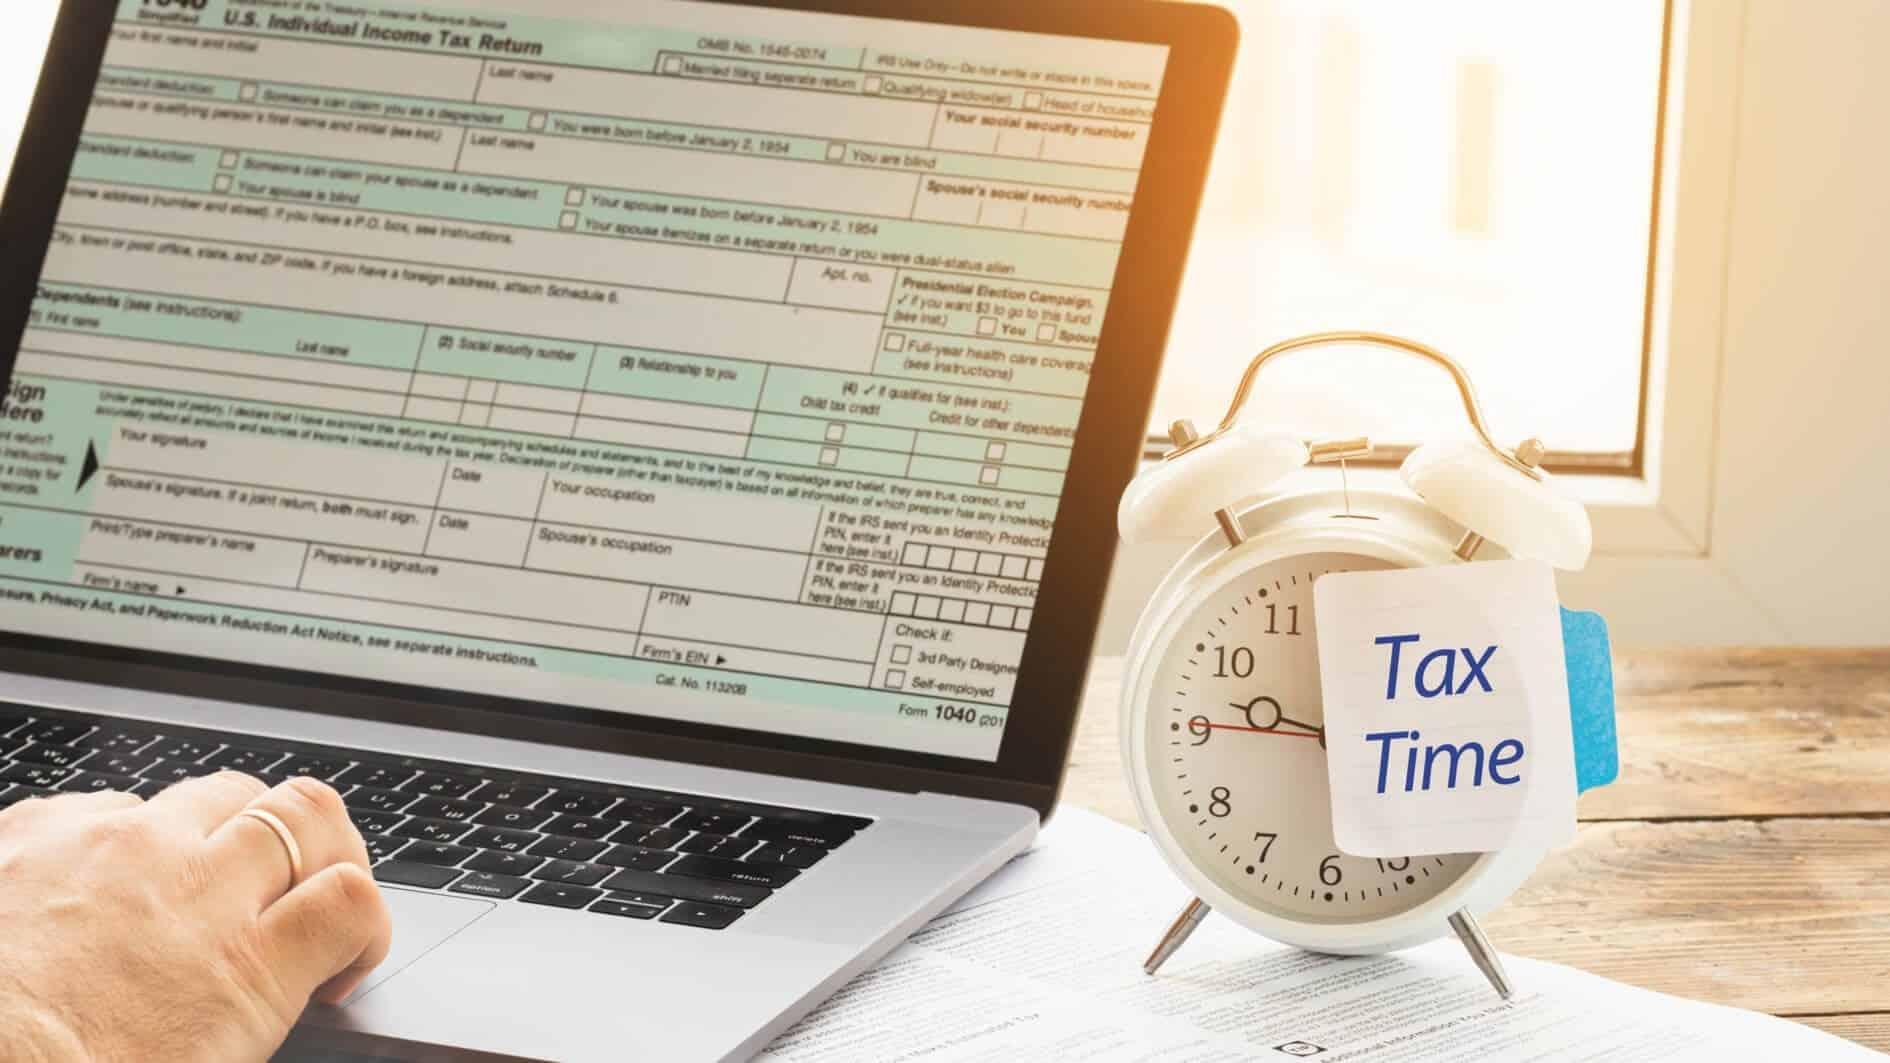 Keuntungan Hitung PPh 21 Karyawan dengan Aplikasi: Efektif dan Mudah